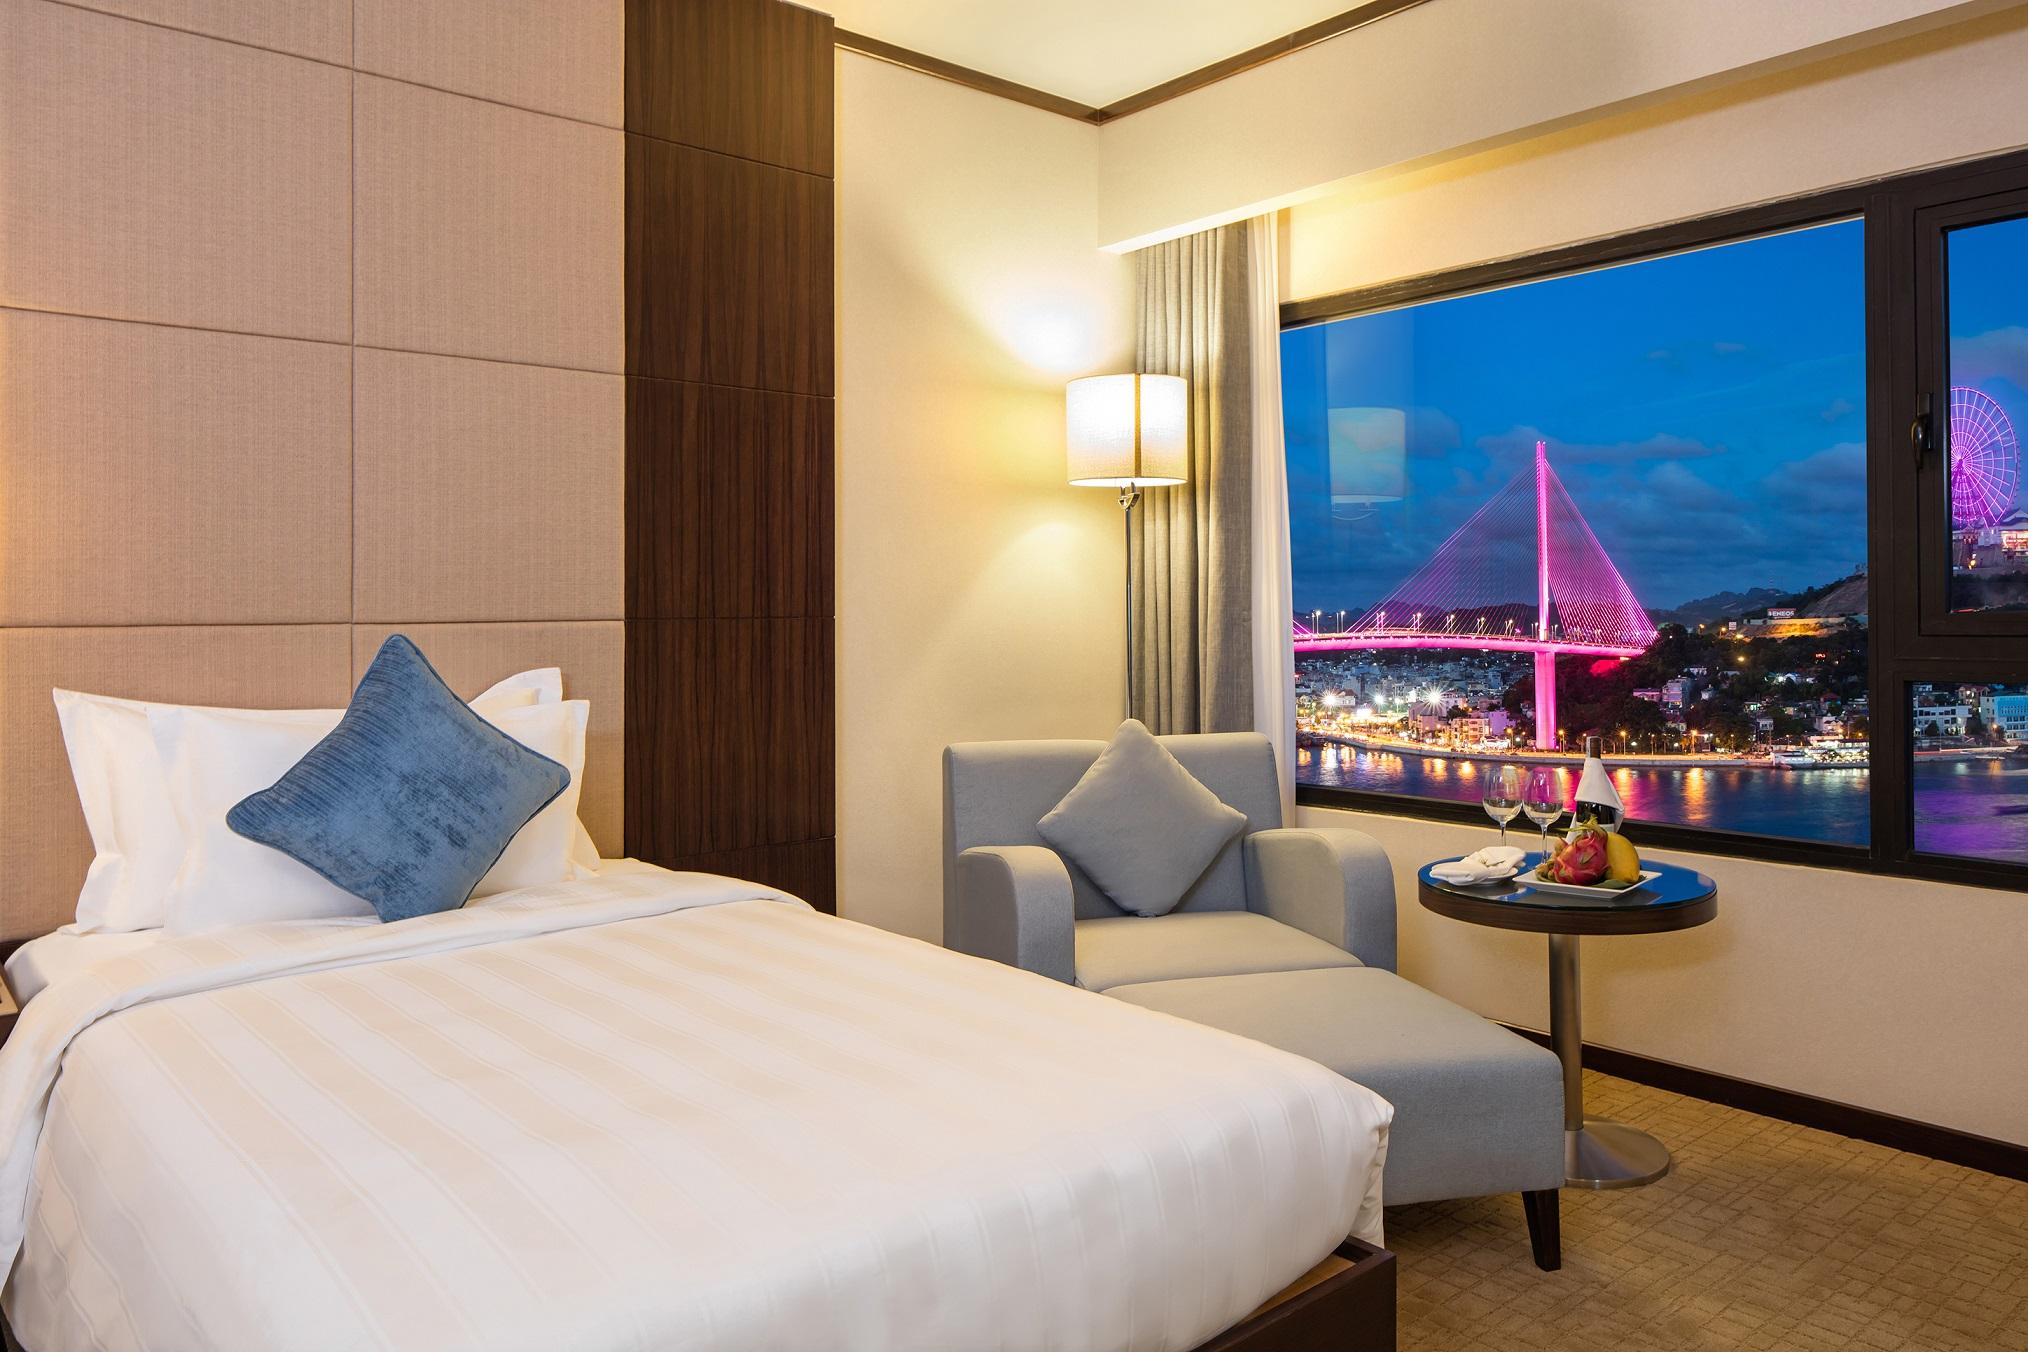 Khách sạn cao cấp tại Bãi Cháy - Khách sạn 5 sao tại Bãi Cháy - Không gian Vịnh Hạ Long nhìn từ khách sạn Wyndham Legend Hạ Long